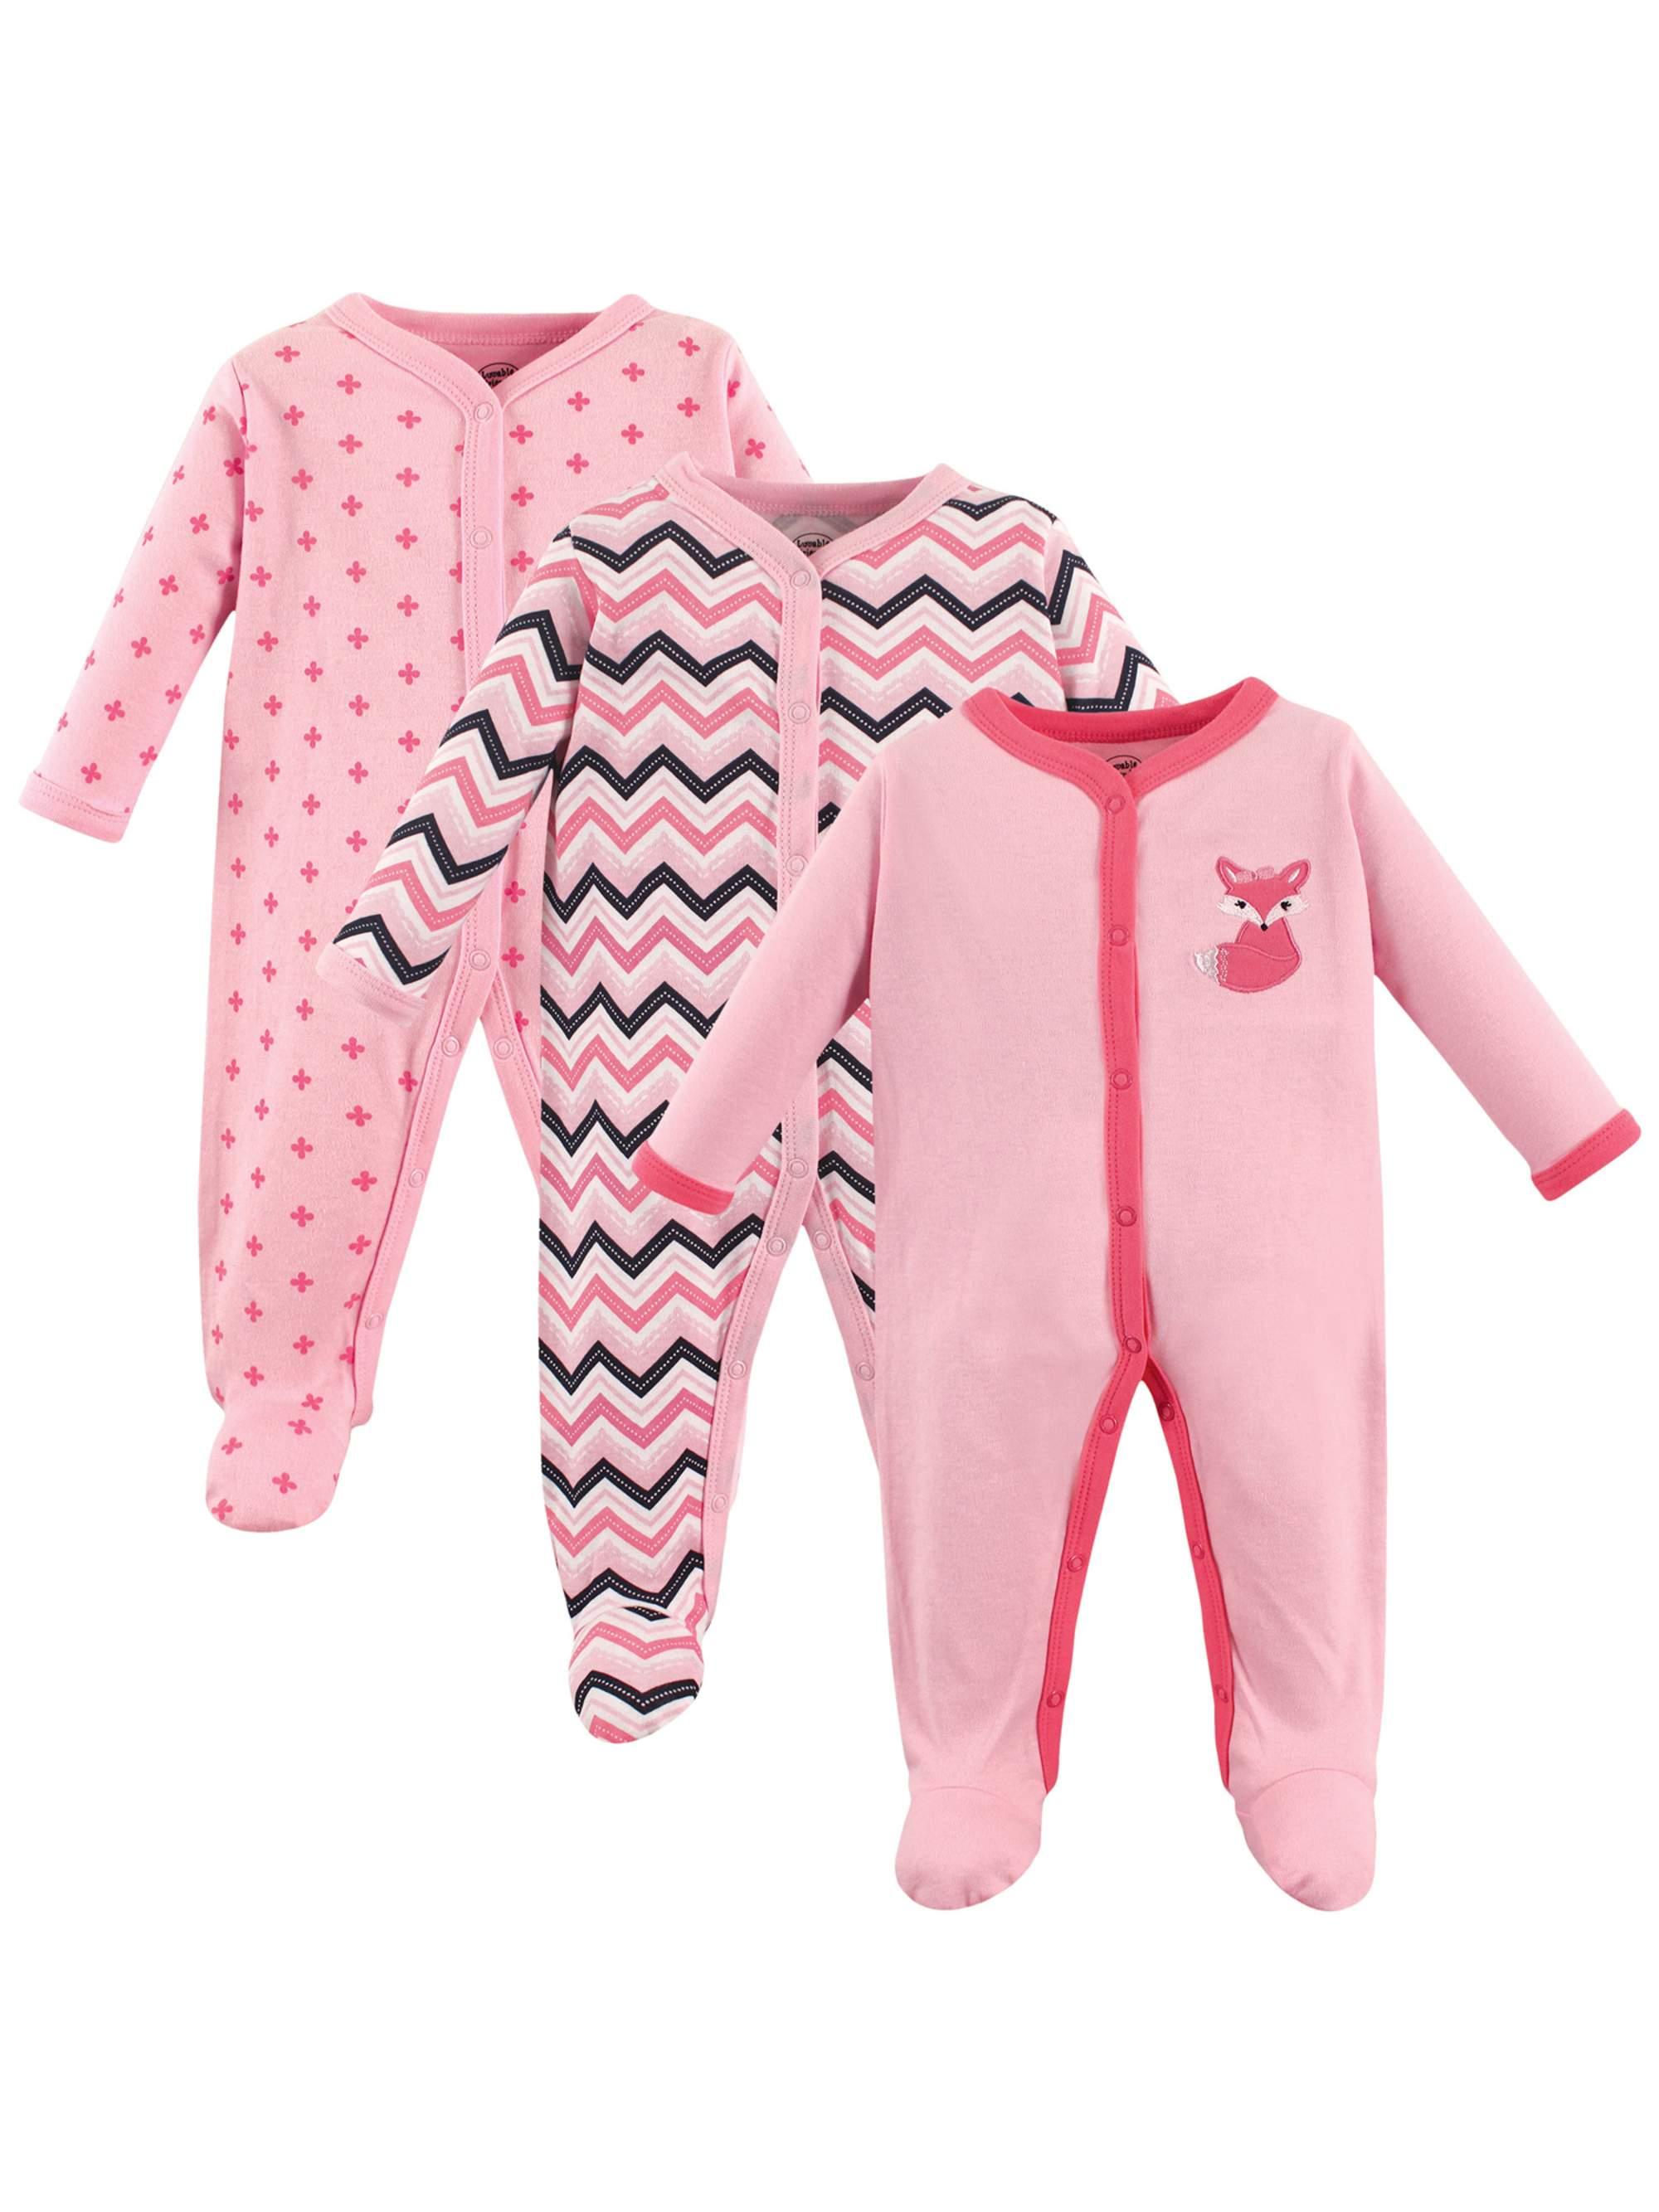 Baby Girl Sleep 'N Play, 3-pack